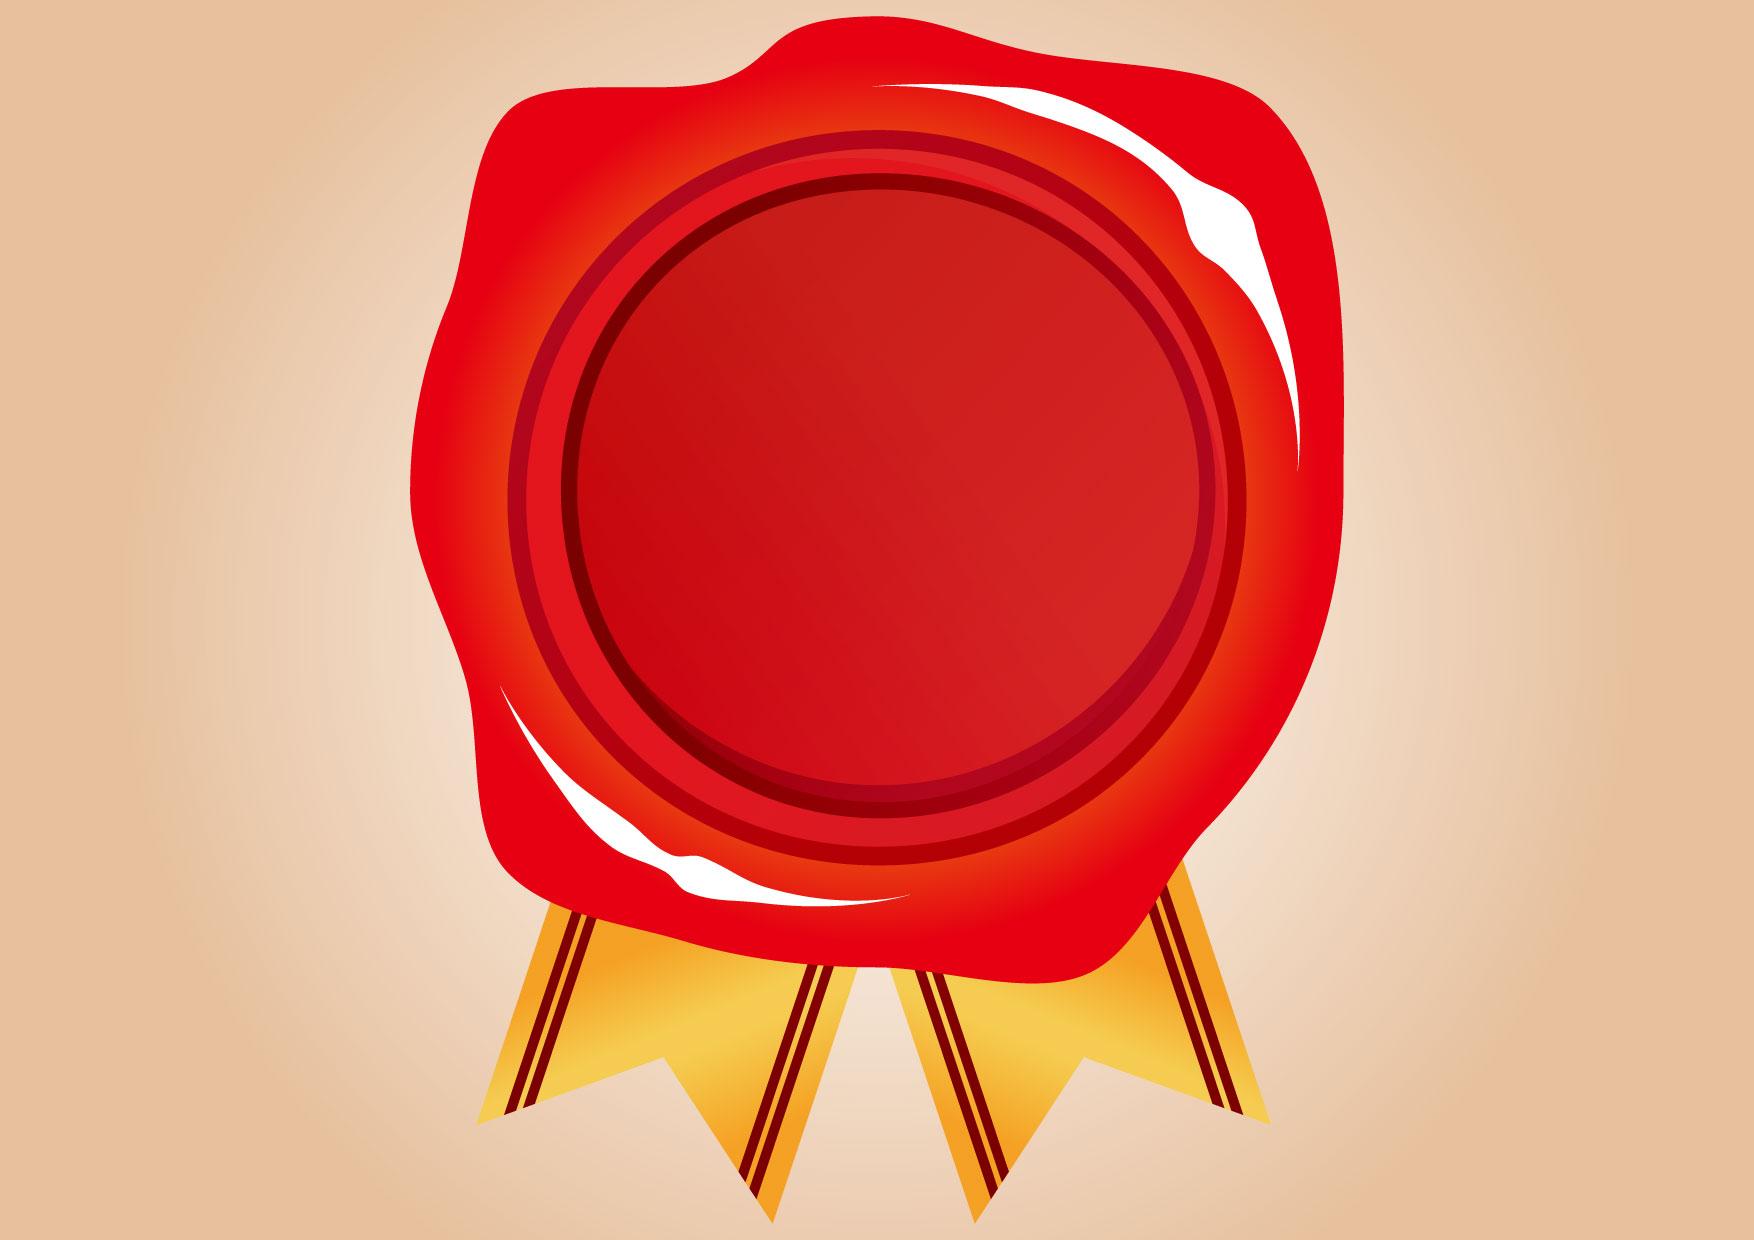 可愛いイラスト無料|スタンプ アイコン − free illustration Stamp icon